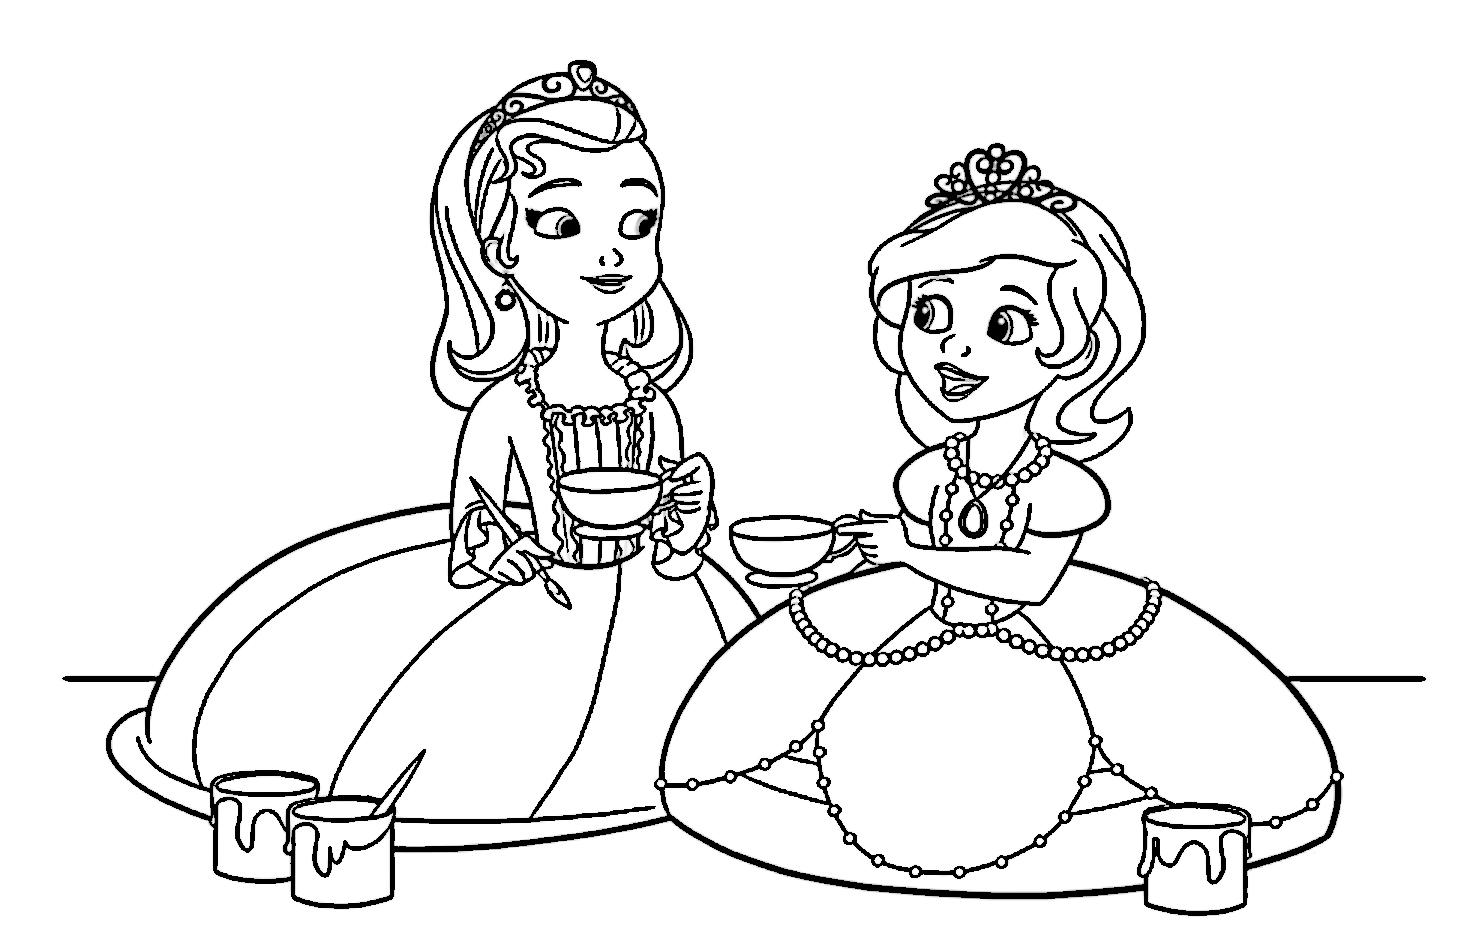 La Princesa Sofia Canciones Y Dibujos Animados Vídeos Infantiles